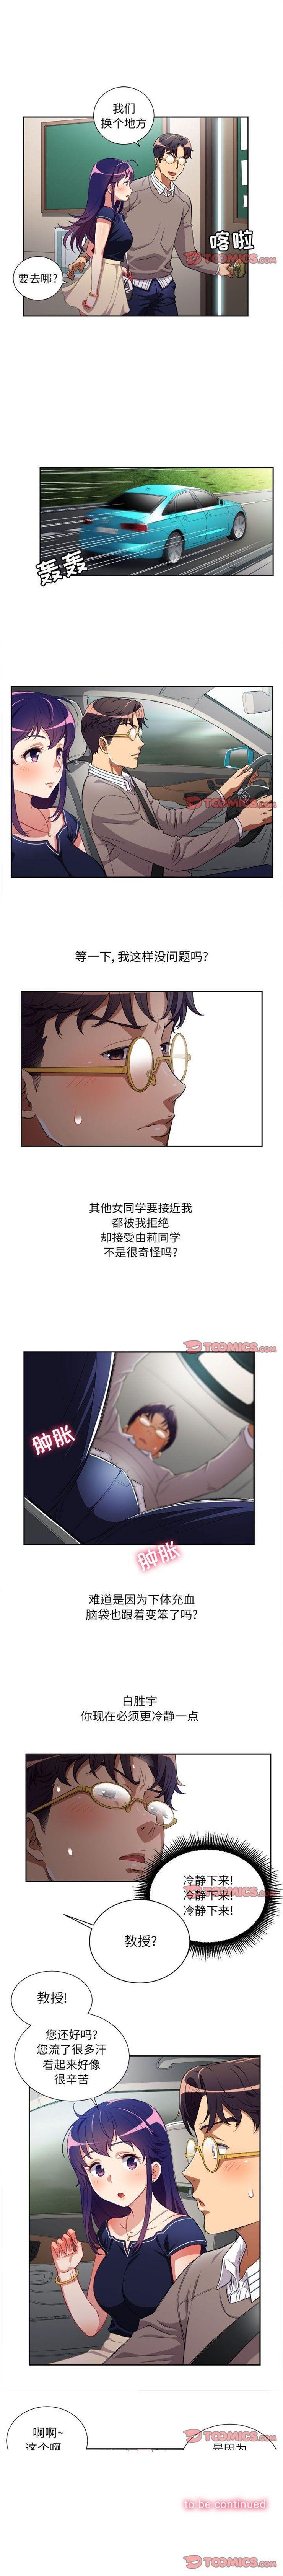 由莉的秘密1-60 中文翻译 (更新中) 255